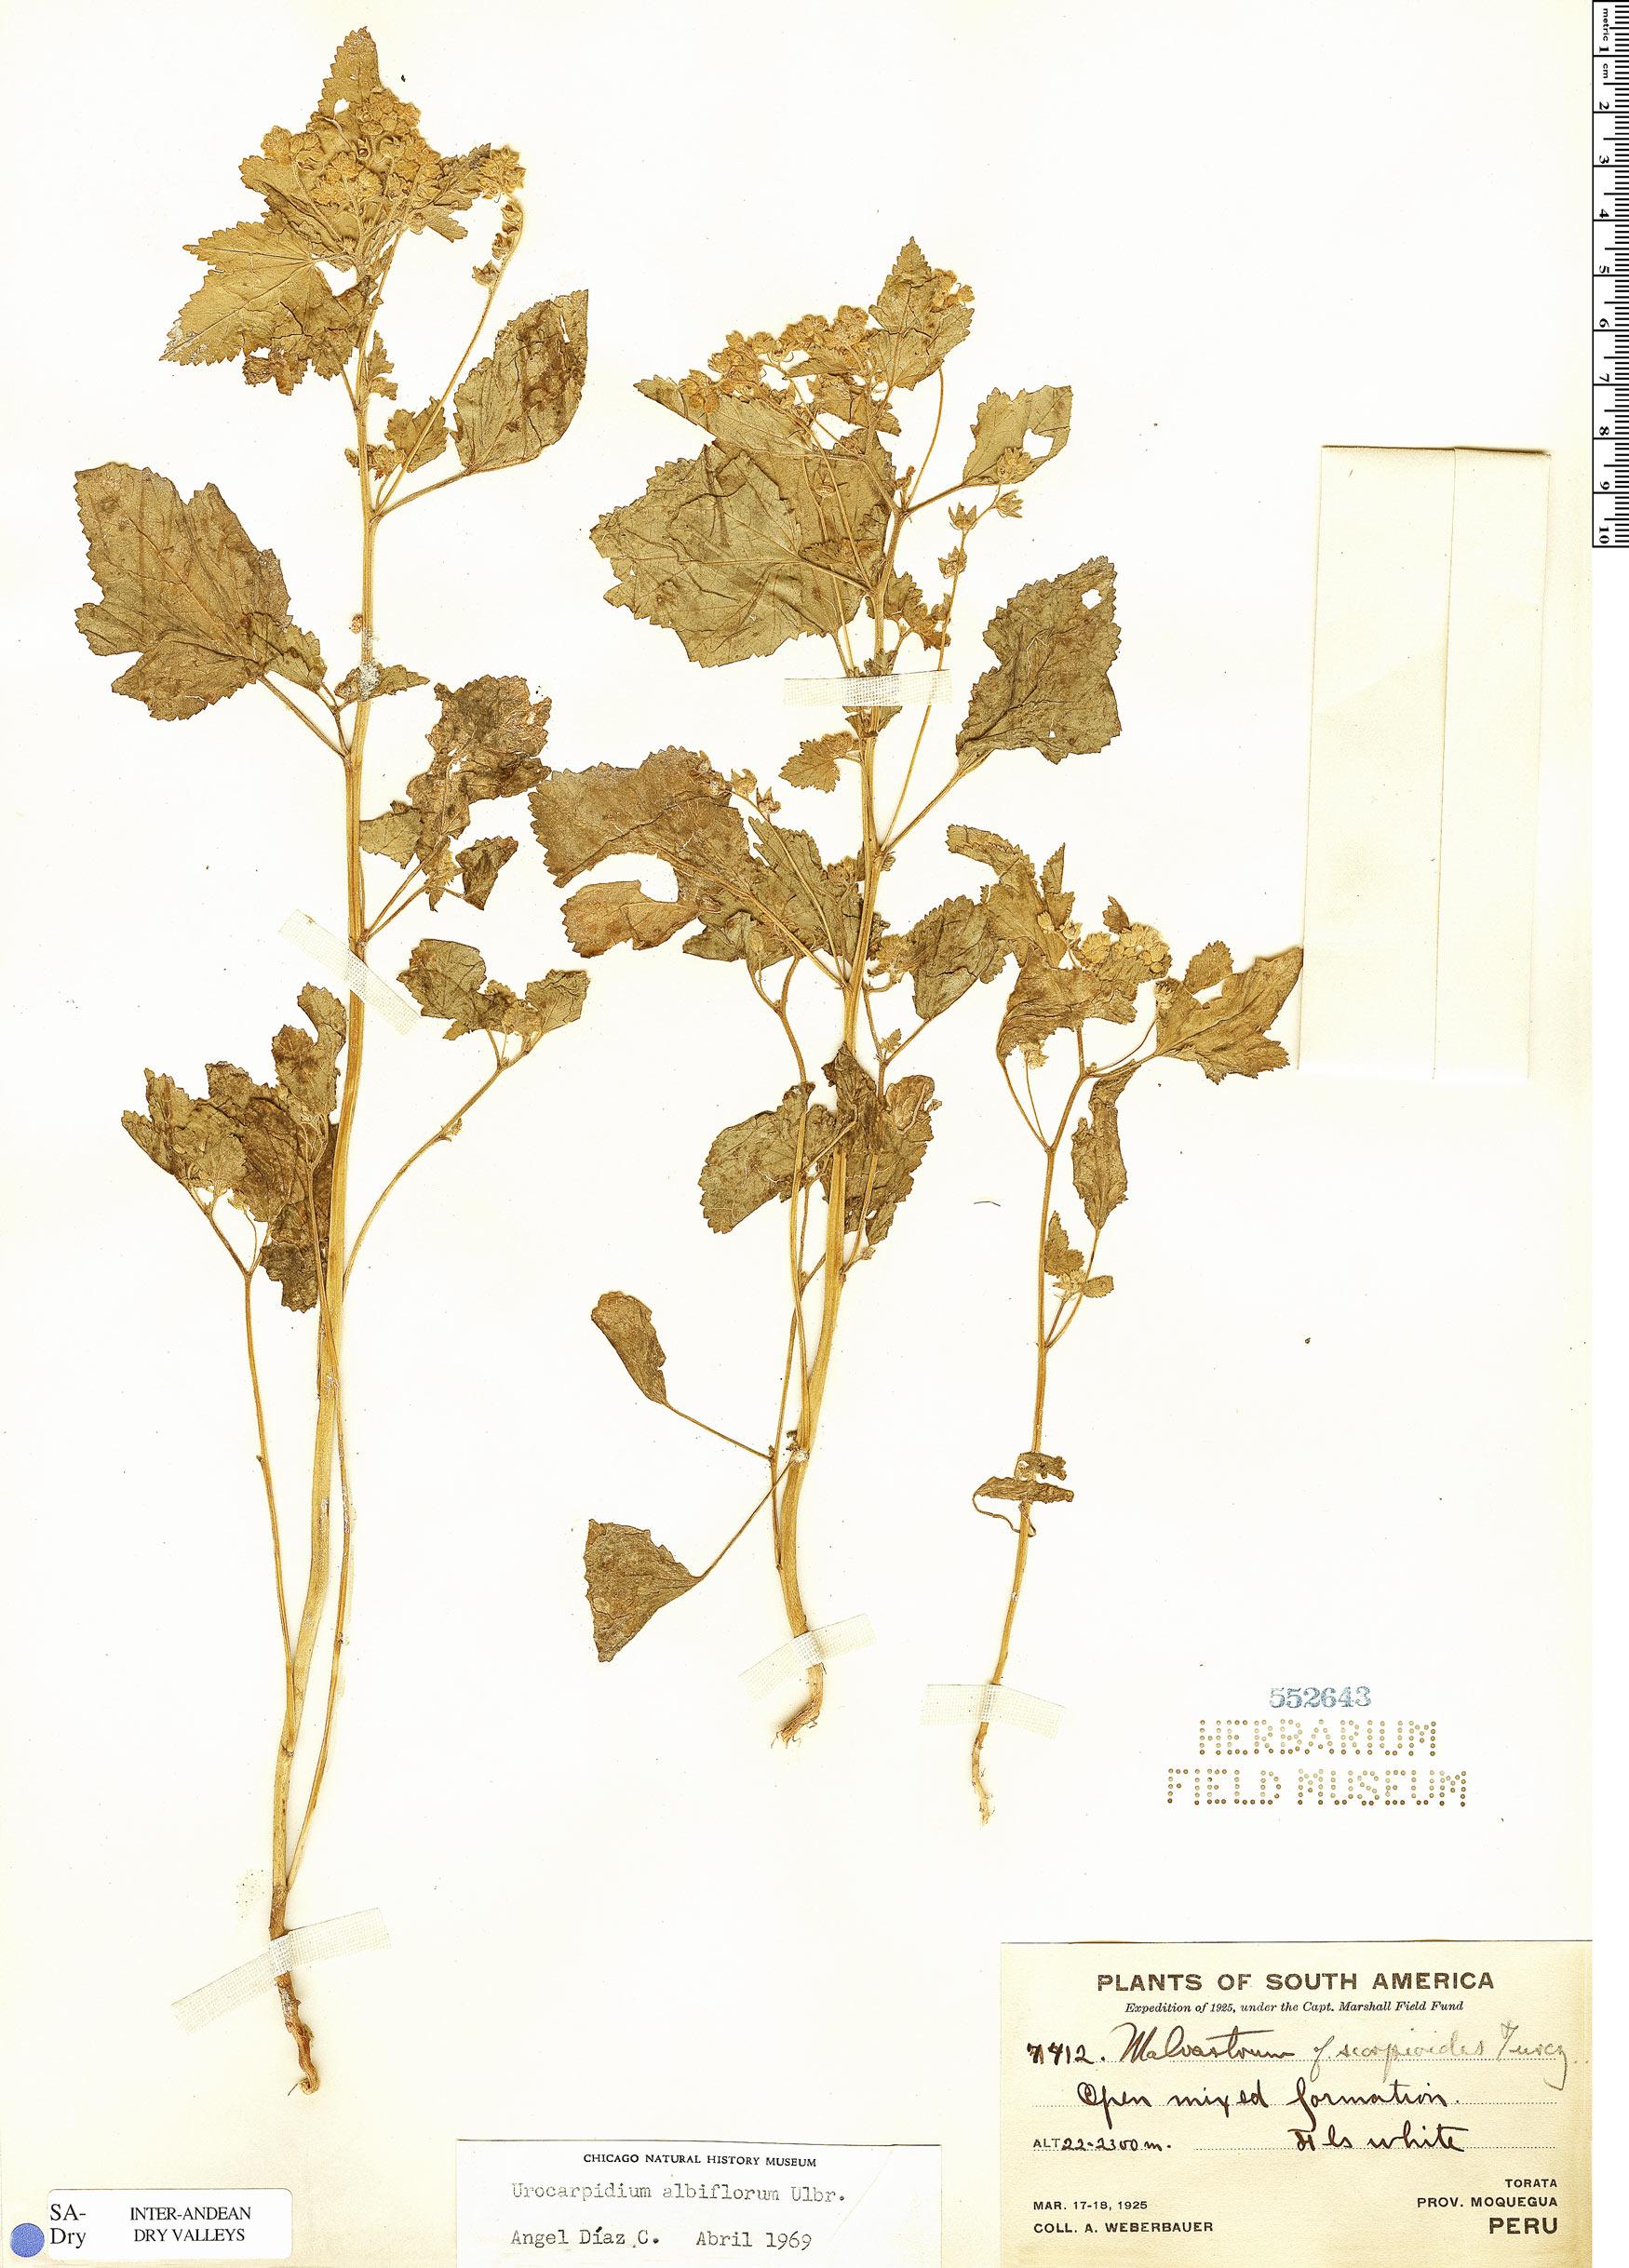 Specimen: Urocarpidium albiflorum